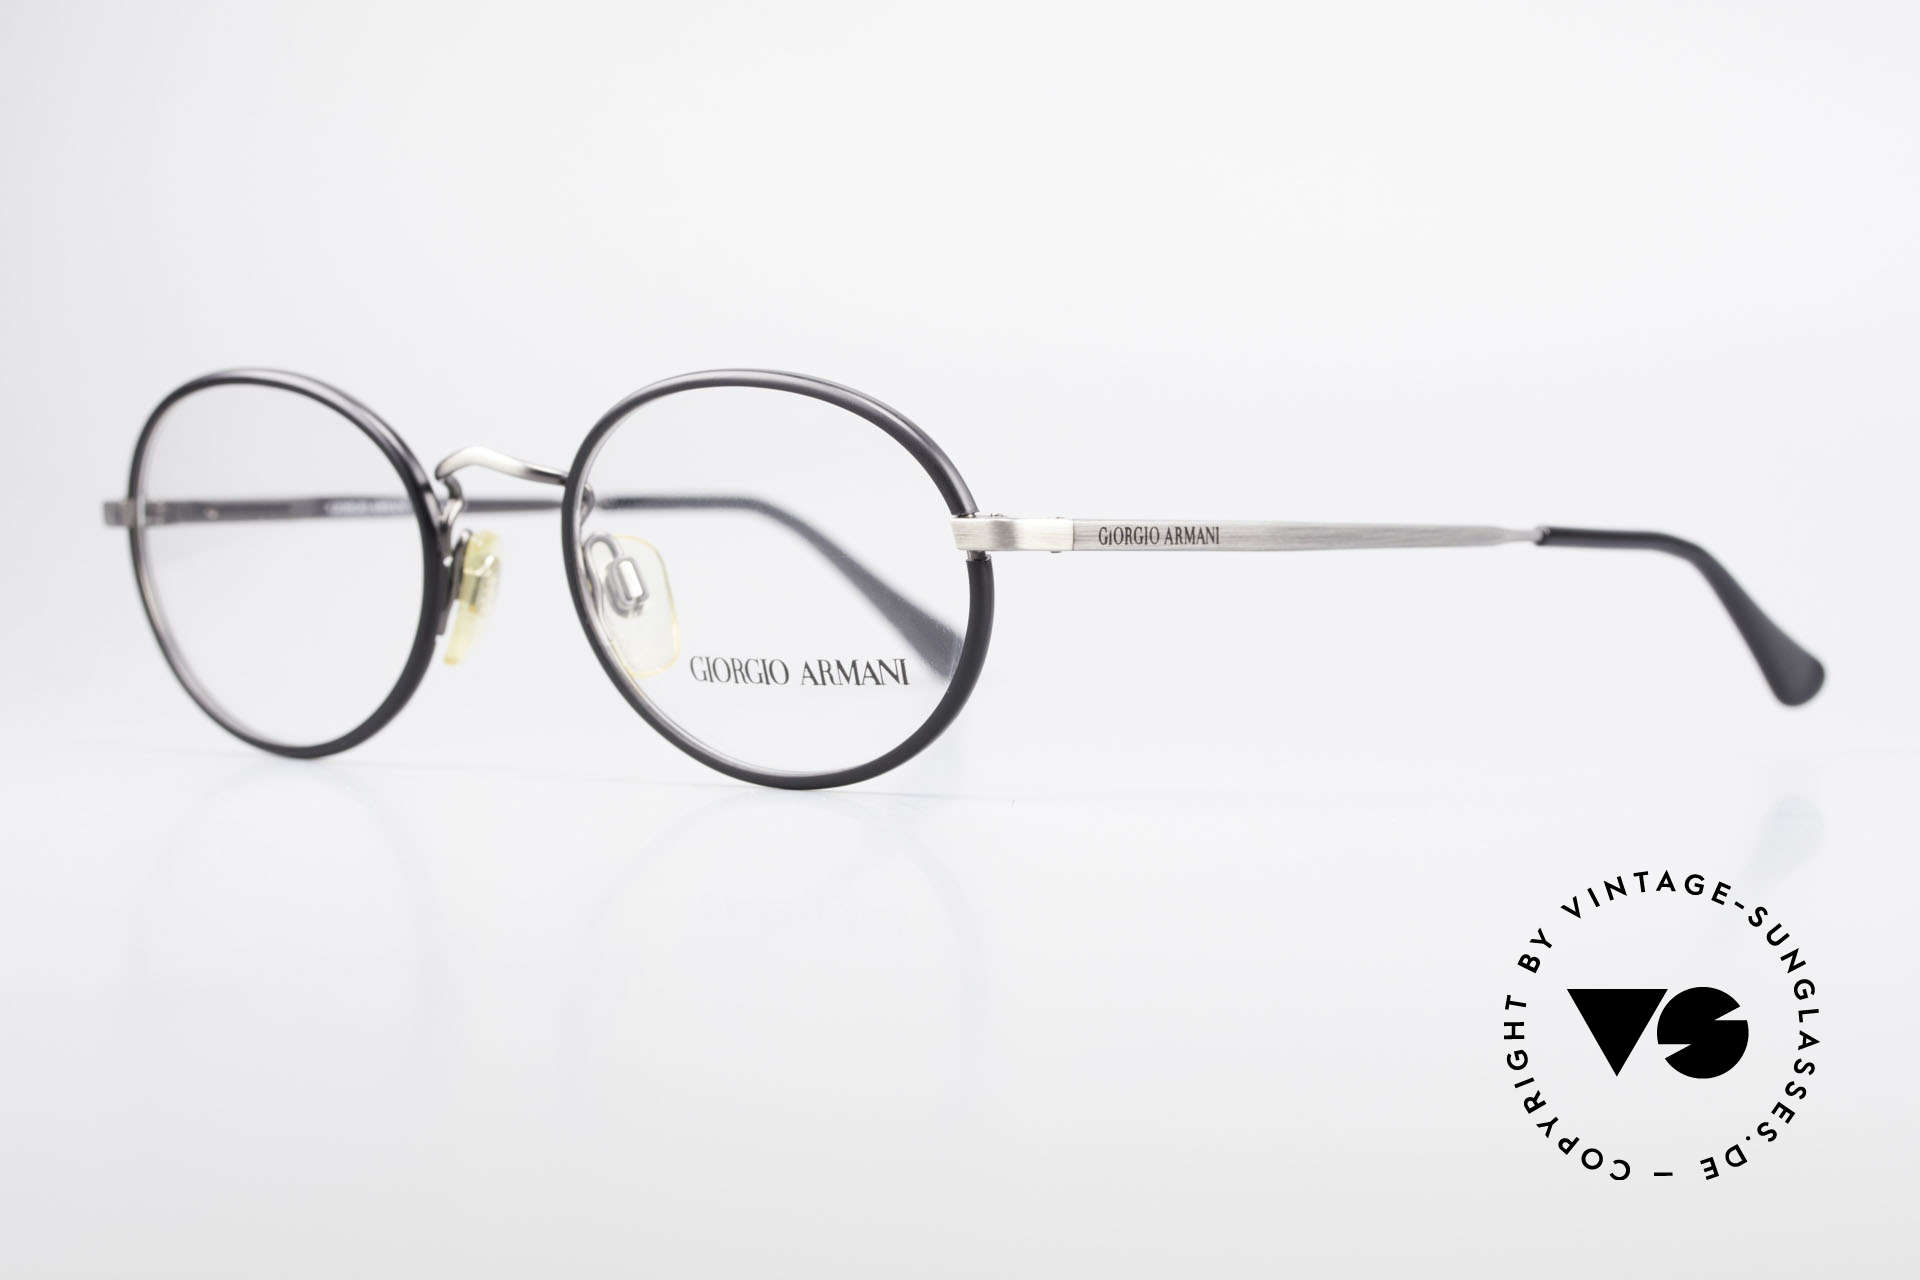 Giorgio Armani 235 Ovale Vintage Brille Unisex, Fassung in 'antik metall' mit schwarzen Windsor-Ringen, Passend für Herren und Damen